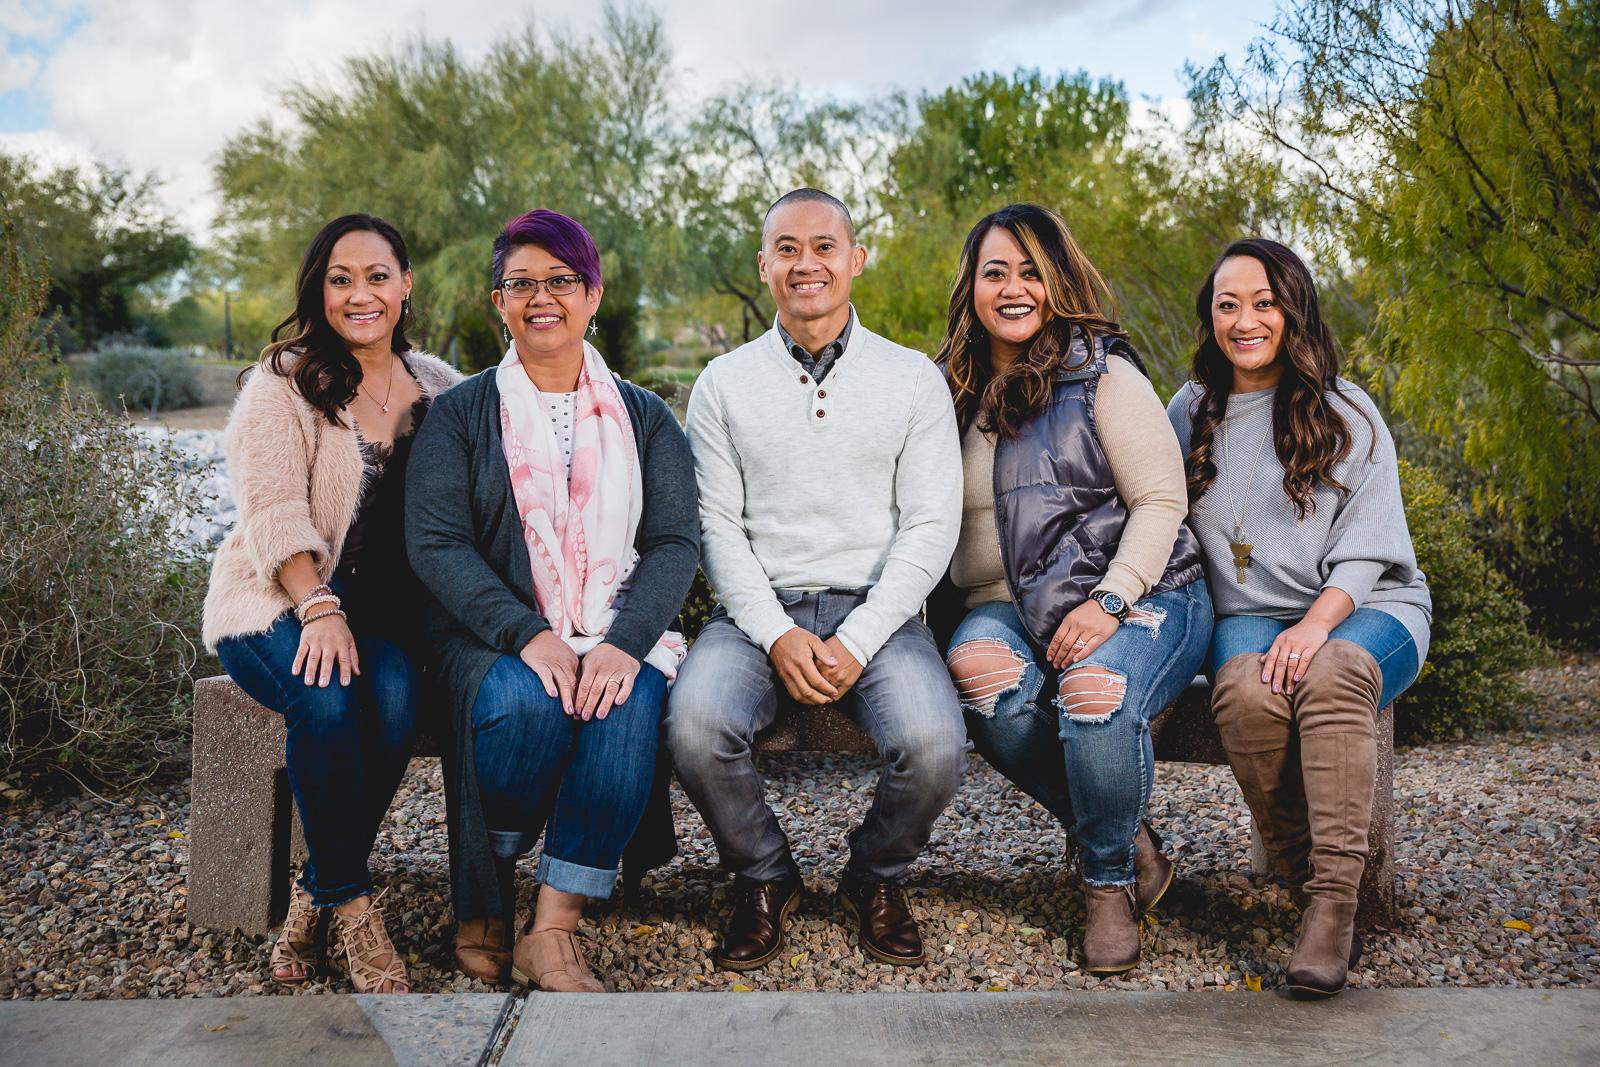 Olis-Family-2018-6.jpg